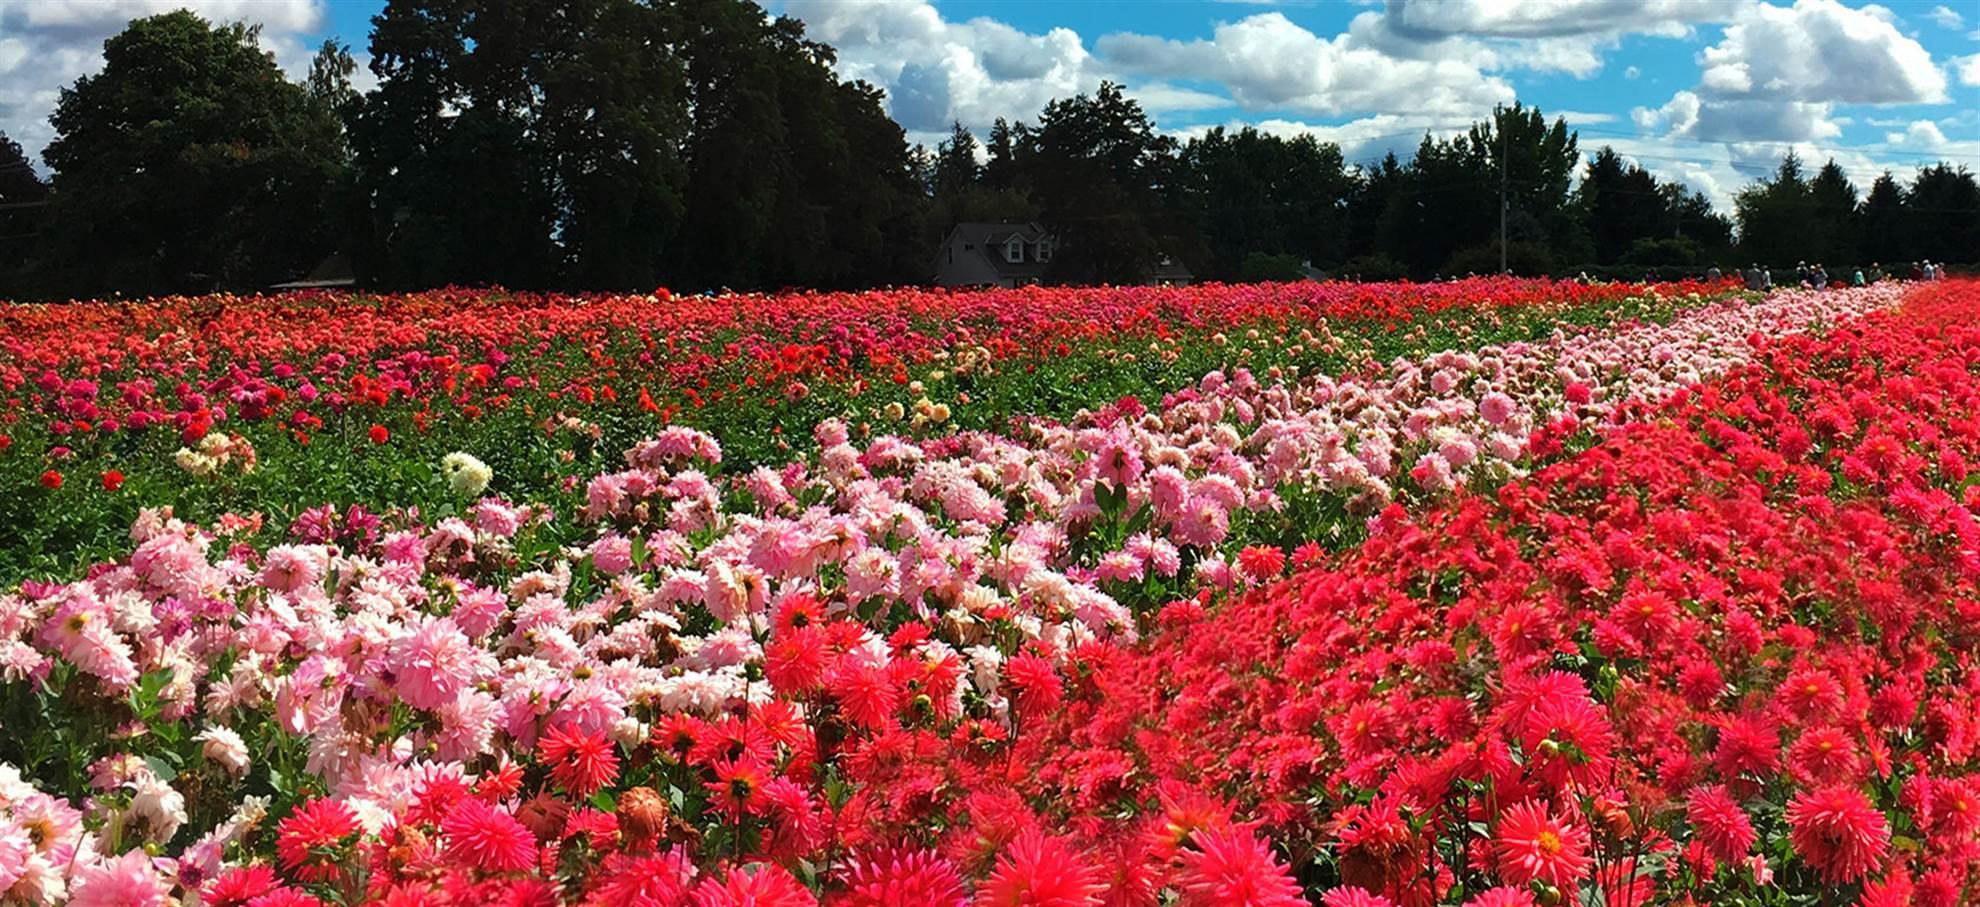 Dahlia Flower Fields GPS Audio Tour